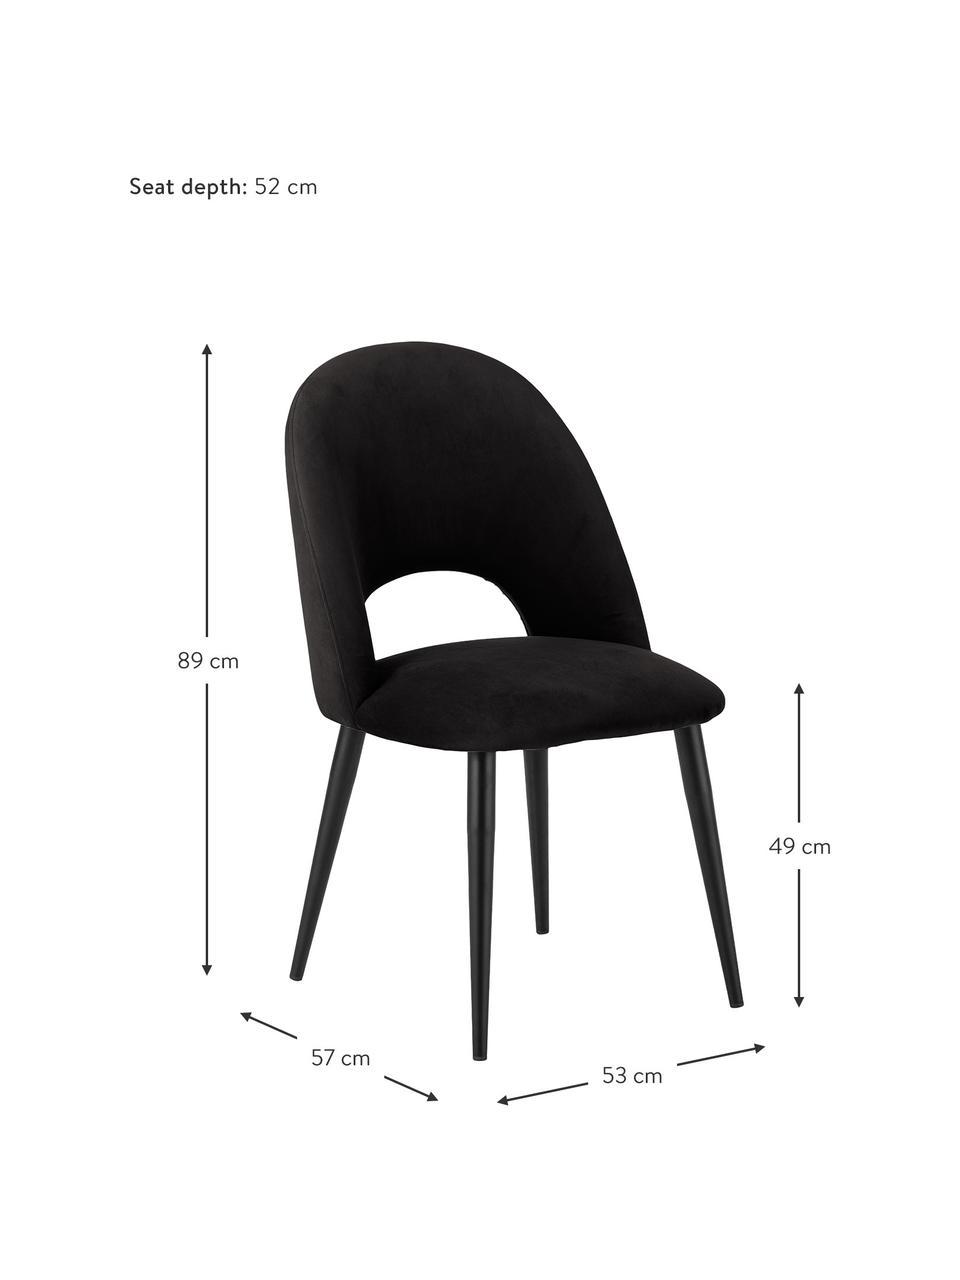 Sedia imbottita in tessuto nero Rachel, Rivestimento: velluto (poliestere) Il r, Gambe: metallo verniciato a polv, Velluto nero, Larg. 53 x Prof. 57 cm